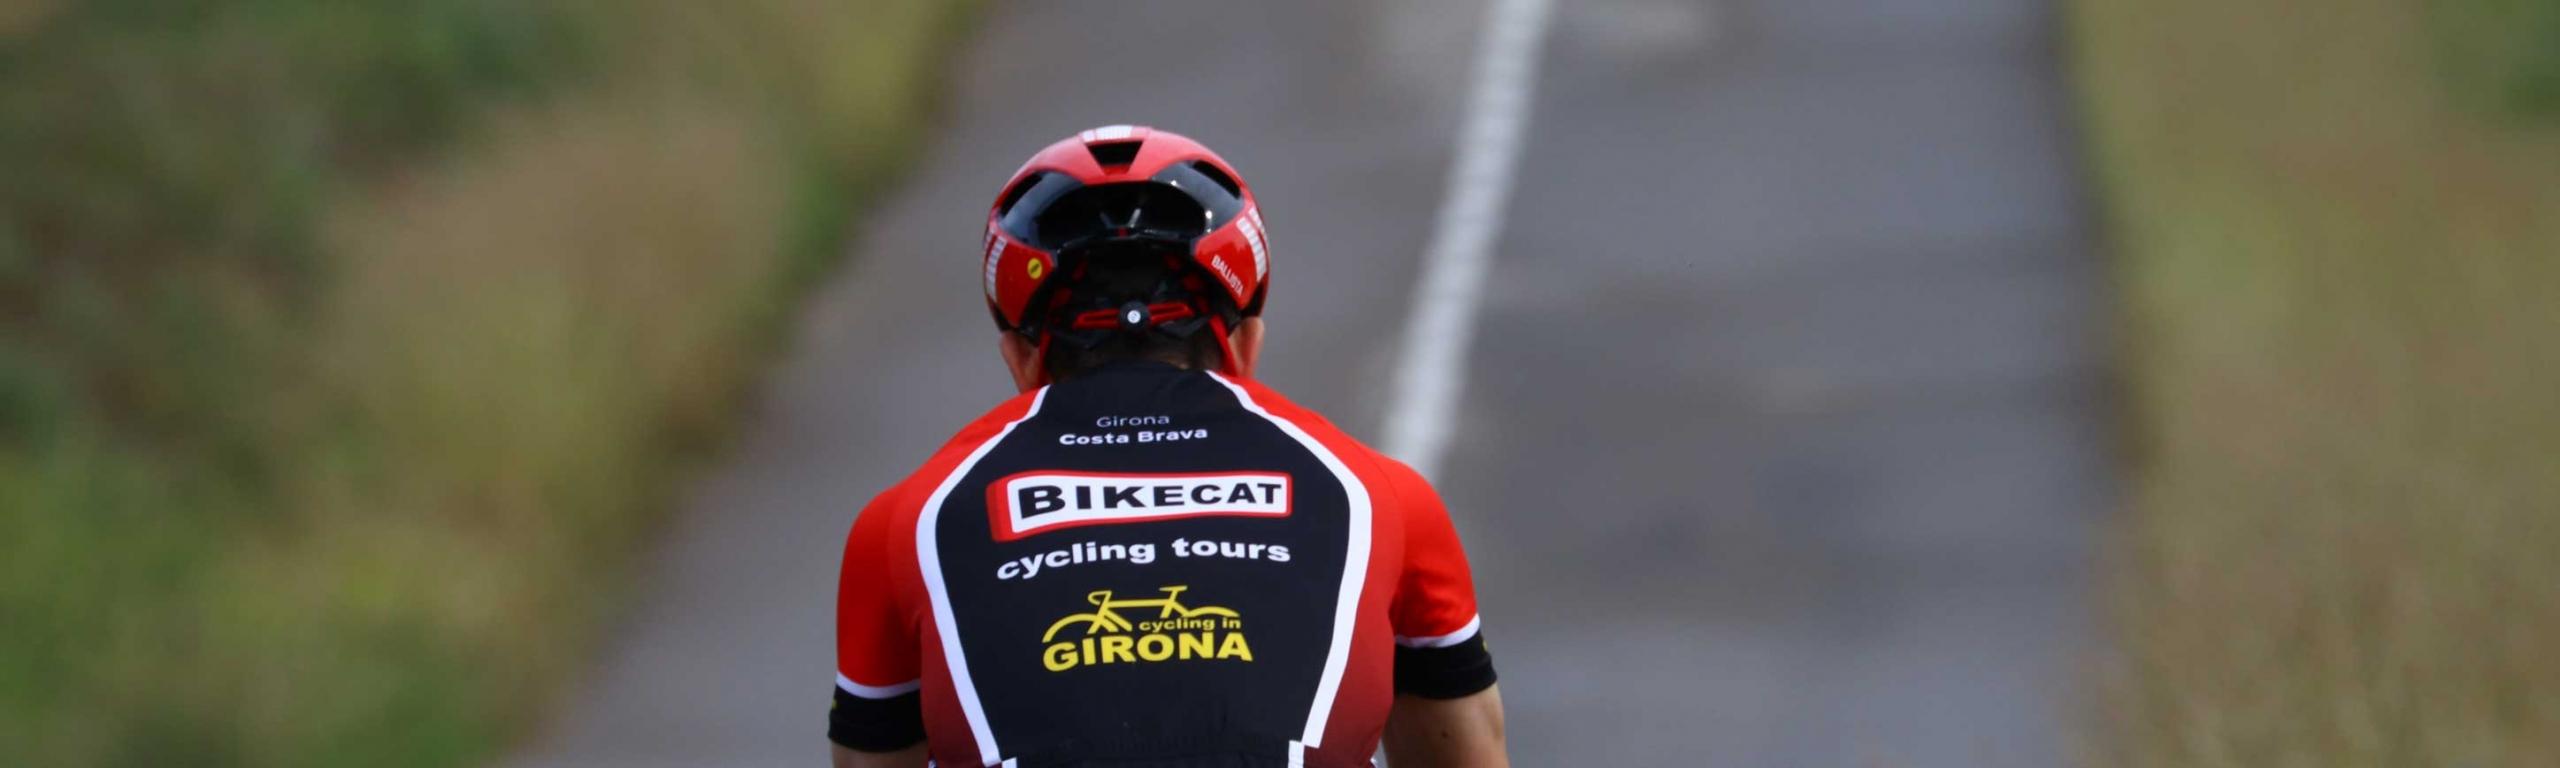 Bikecat Girona Cycling clothing